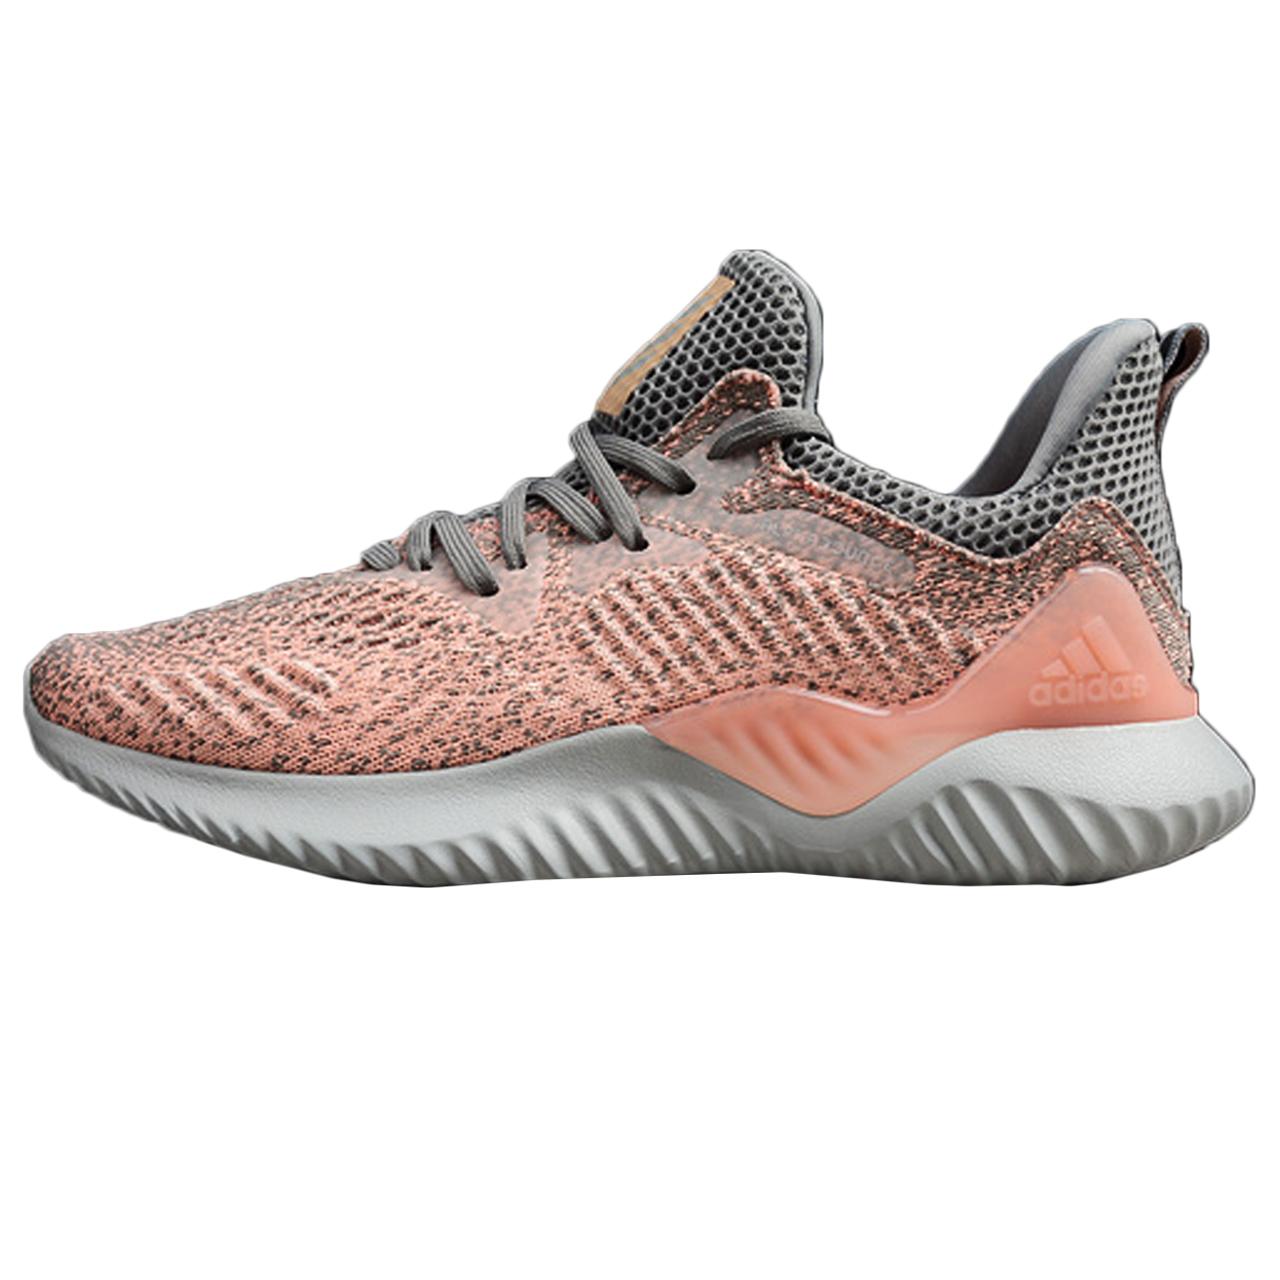 کفش مخصوص دویدن زنانه آدیداس مدل Alphabounce Beyound  کد 879456